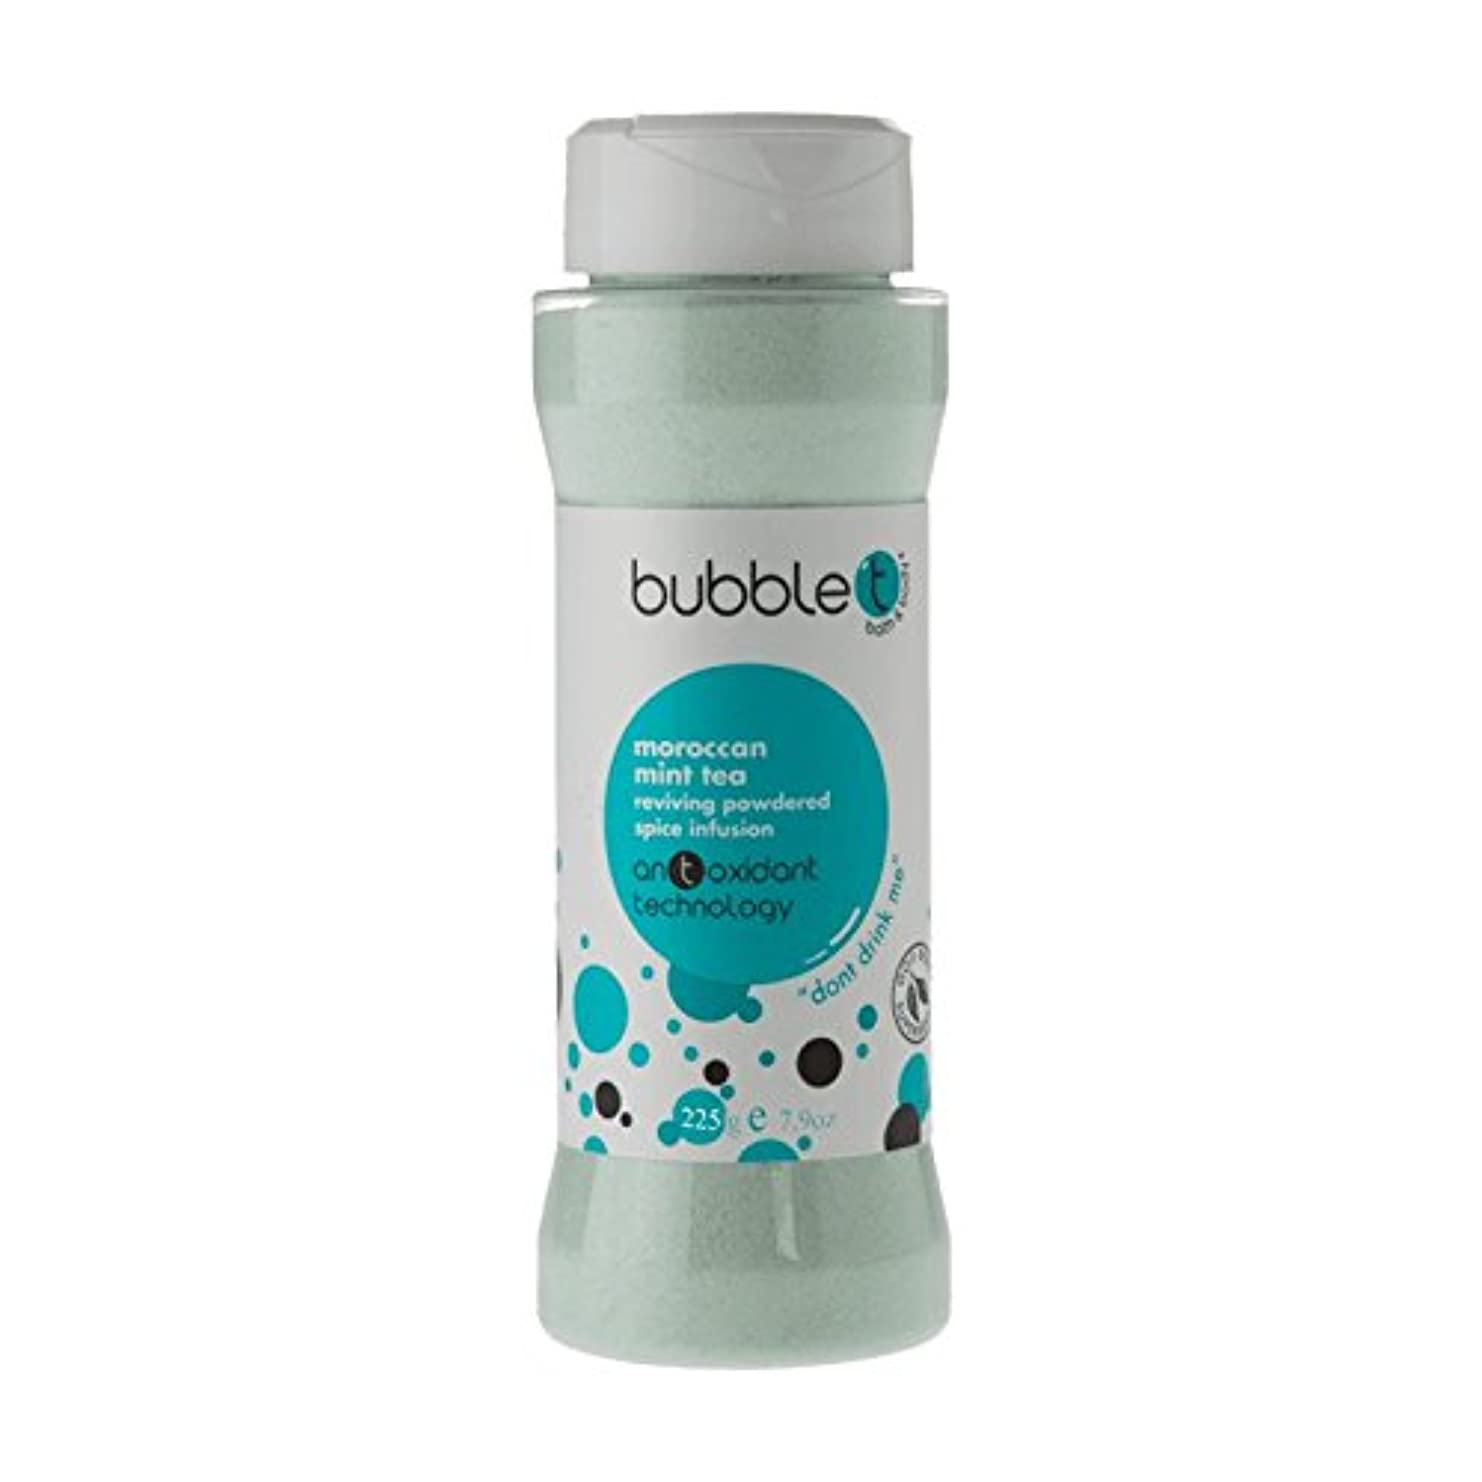 松の木コークスマークダウンバブルトン風呂スパイス注入モロッコのミントティー225グラム - Bubble T Bath Spice Infusion Morrocan Mint Tea 225g (Bubble T) [並行輸入品]